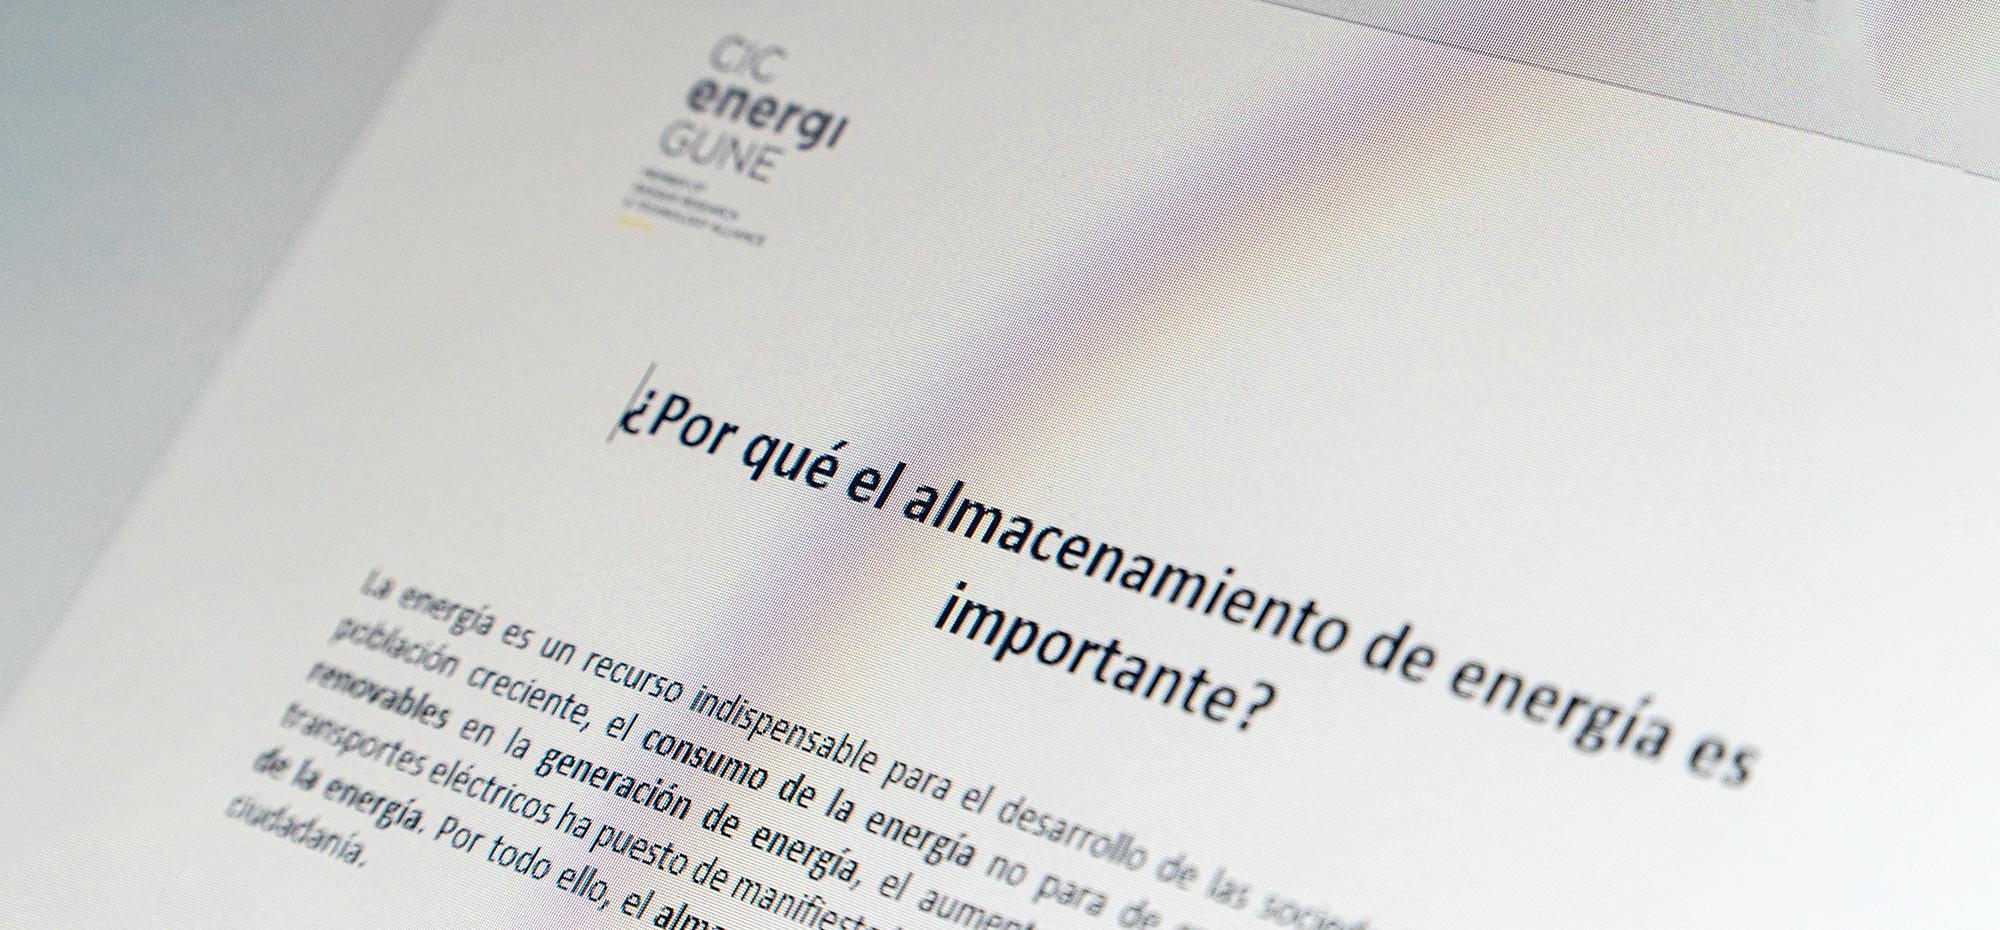 Manifestación de Interés para recopilar proyectos asociados al hidrógeno renovable